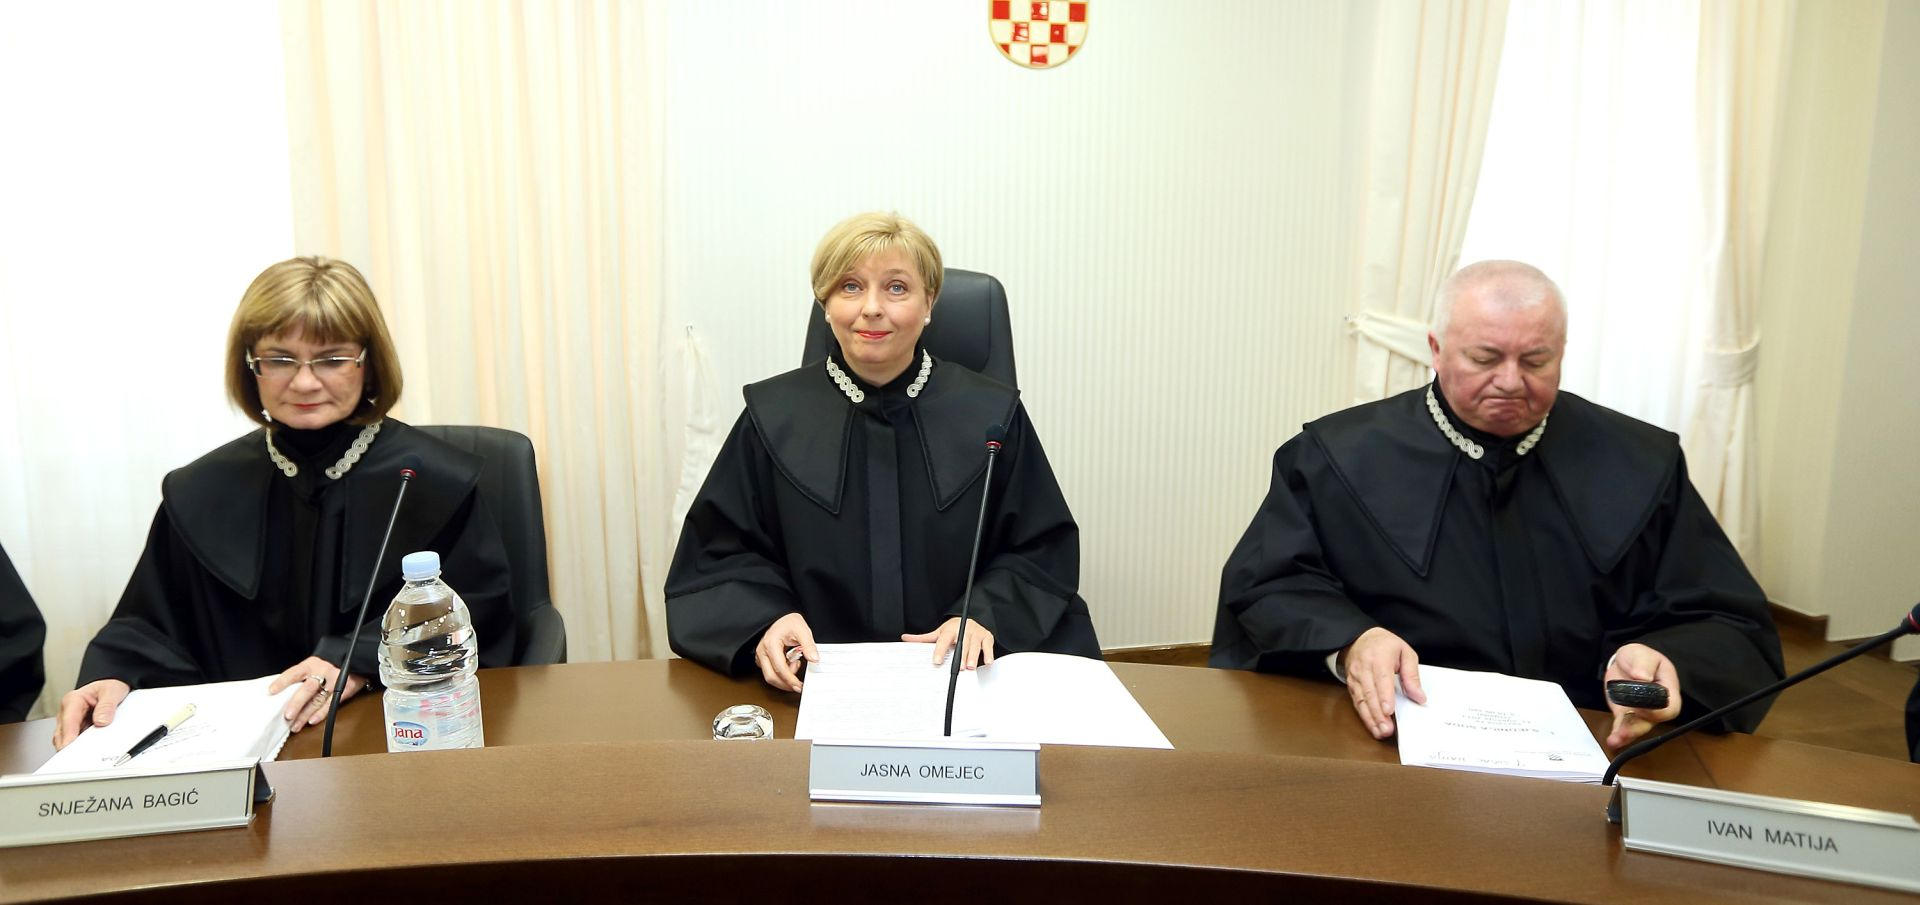 Predsjednica Ustavnog suda izbjegla komentirati navodni plagijat sutkinje Bagić